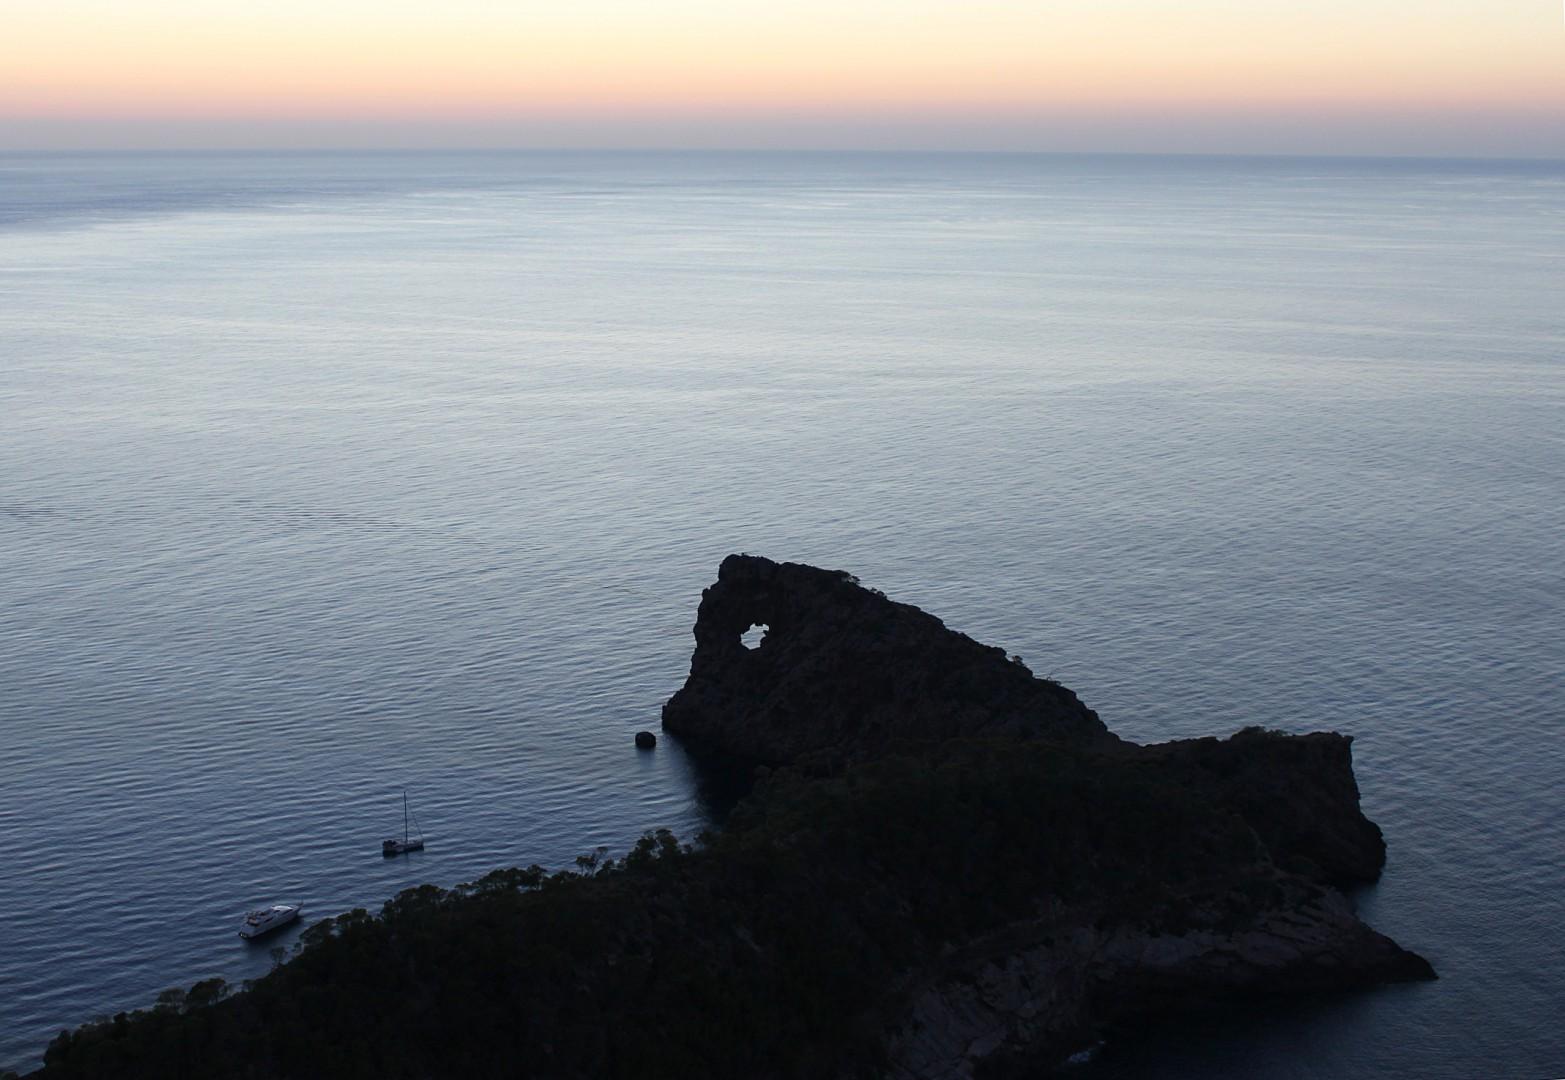 mejores playas de Mallorca guia mejores playas de mallorca sa foradada